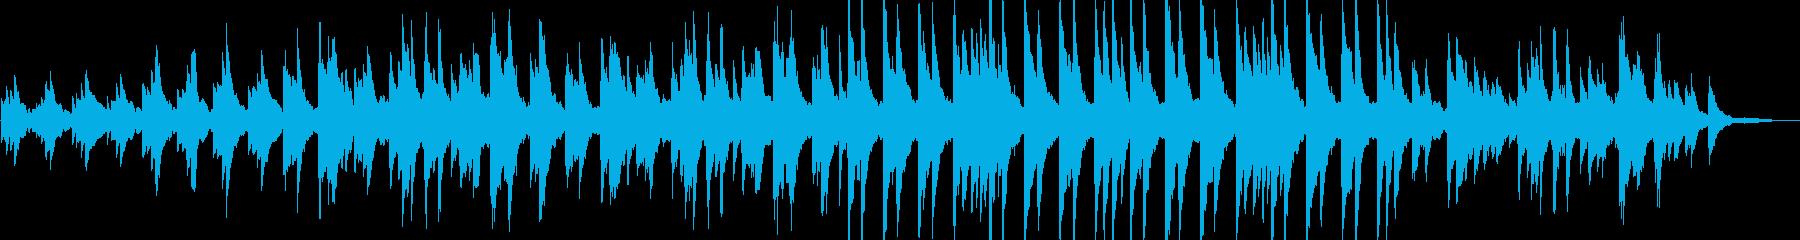 感動的・幸せ・リラックス・静けさ・ピアノの再生済みの波形